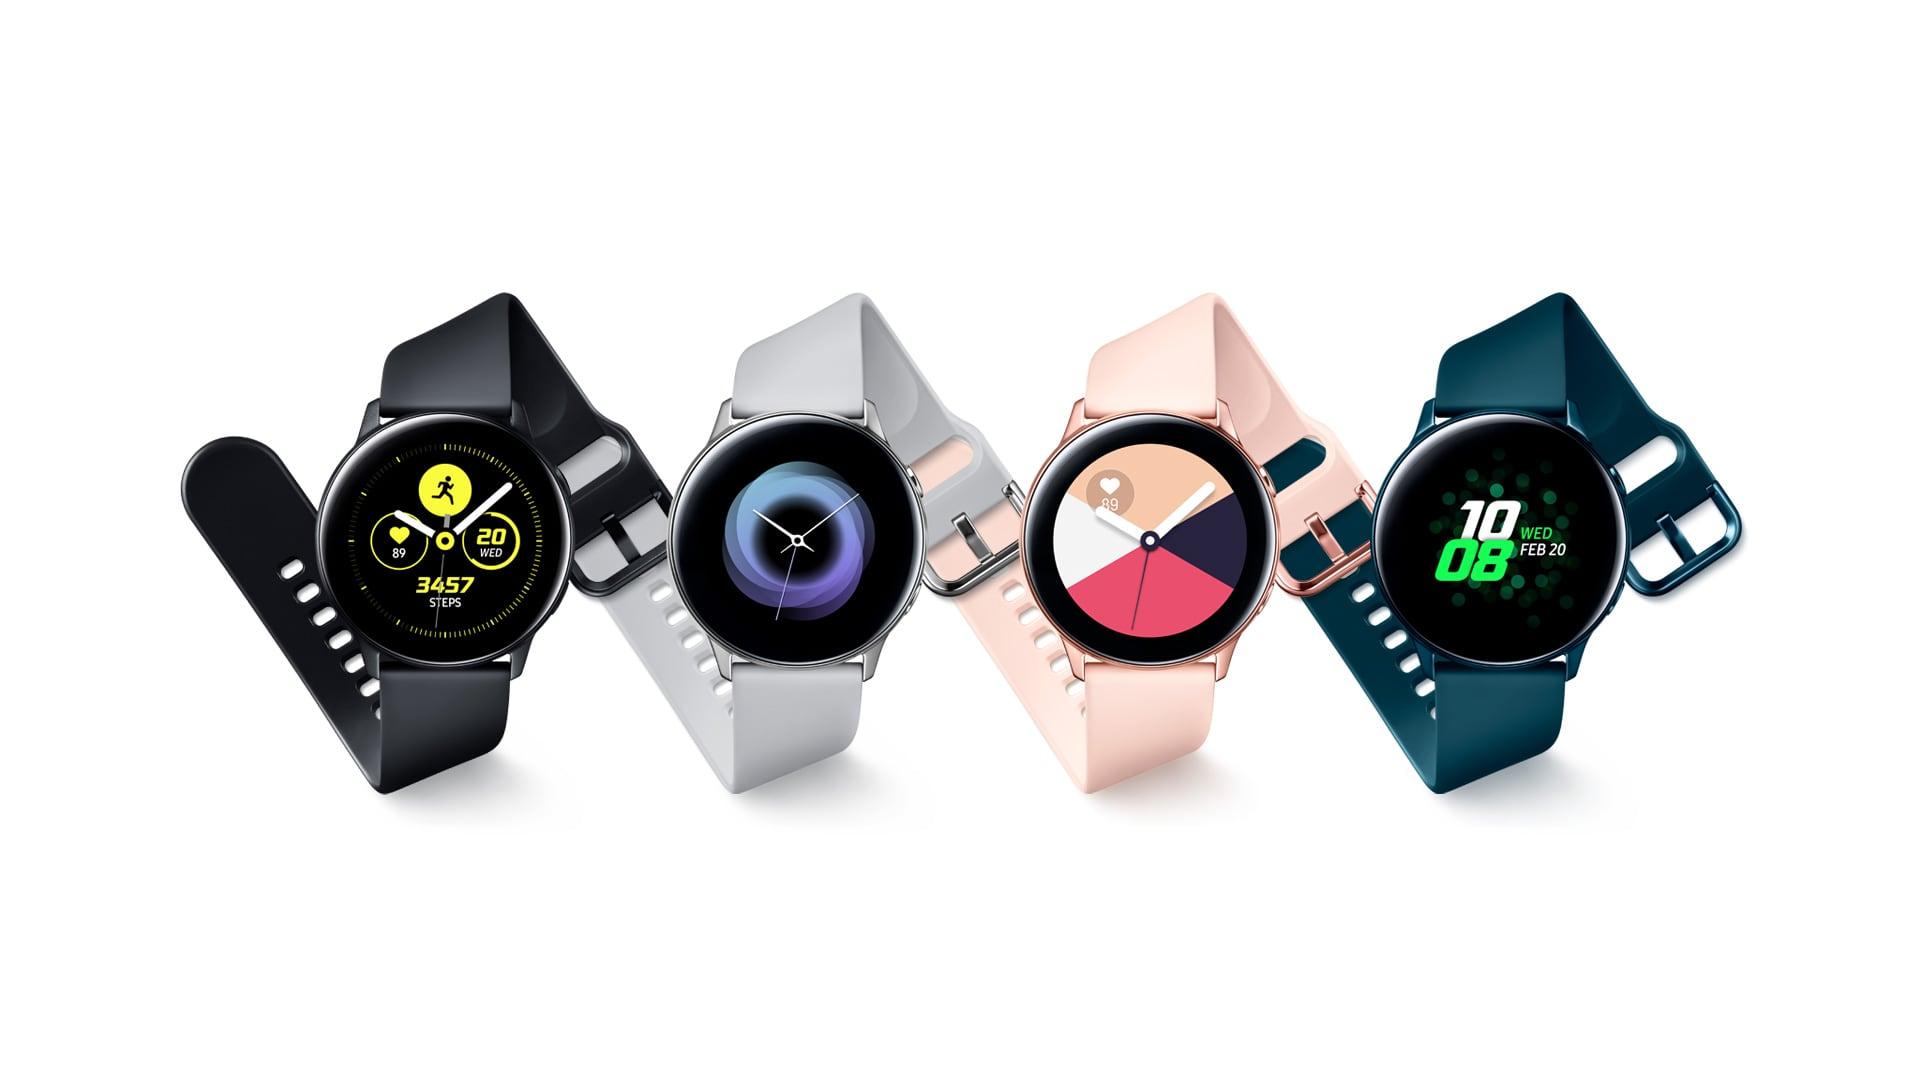 Samsung Galaxy Watch Active - simpatična barvna paleta in minimalističen dizajn.